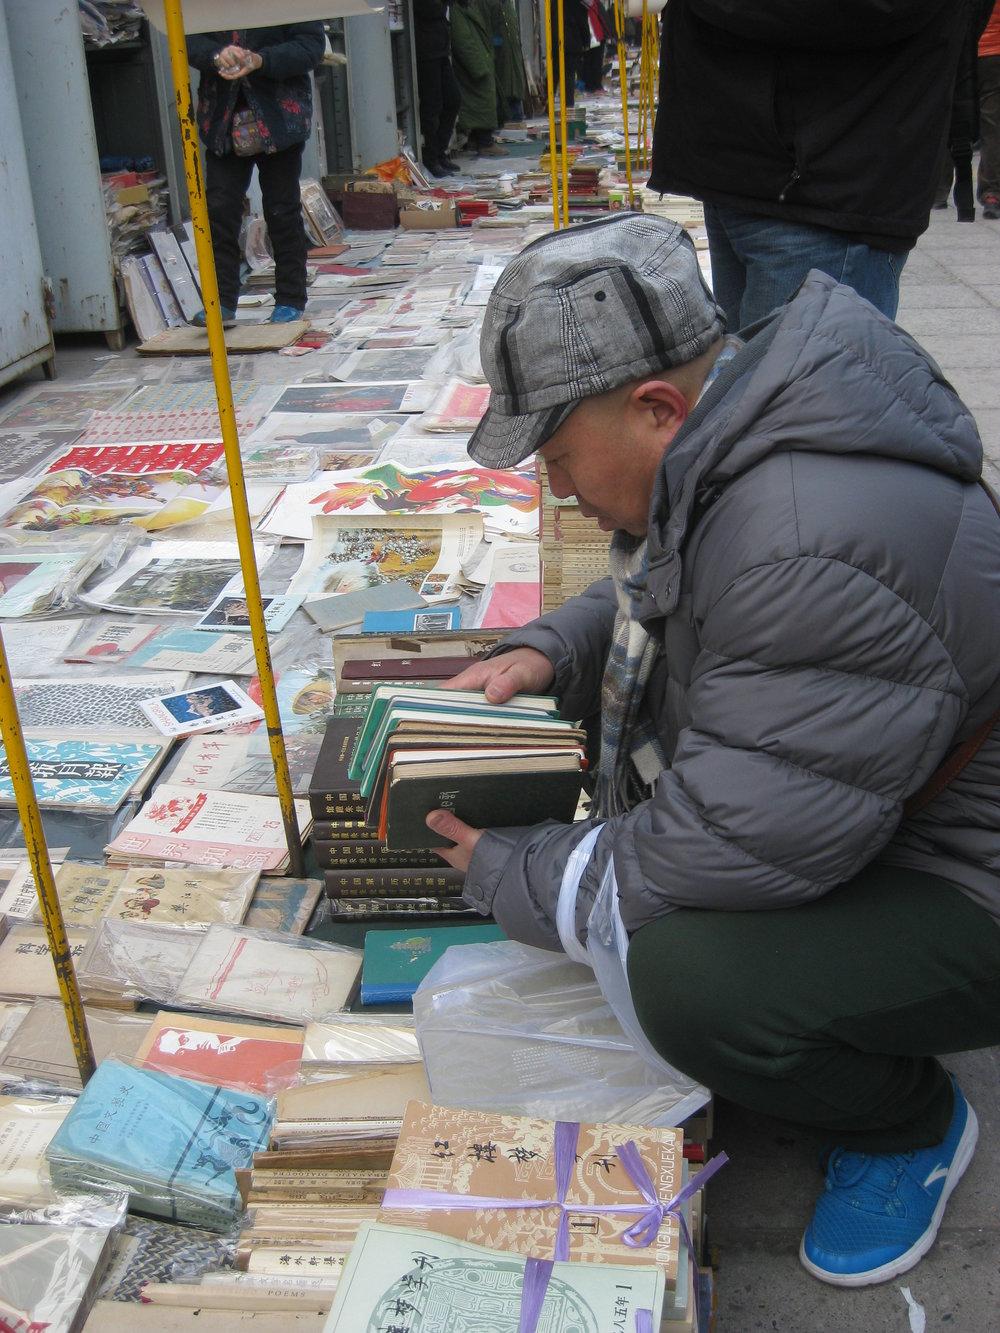 4 writing their own history; yang zhichao's  chinese bible : Michael young   Yang Zhichao, Panjiayuan flea market, Beijing, January 2015; photo: Michael Young